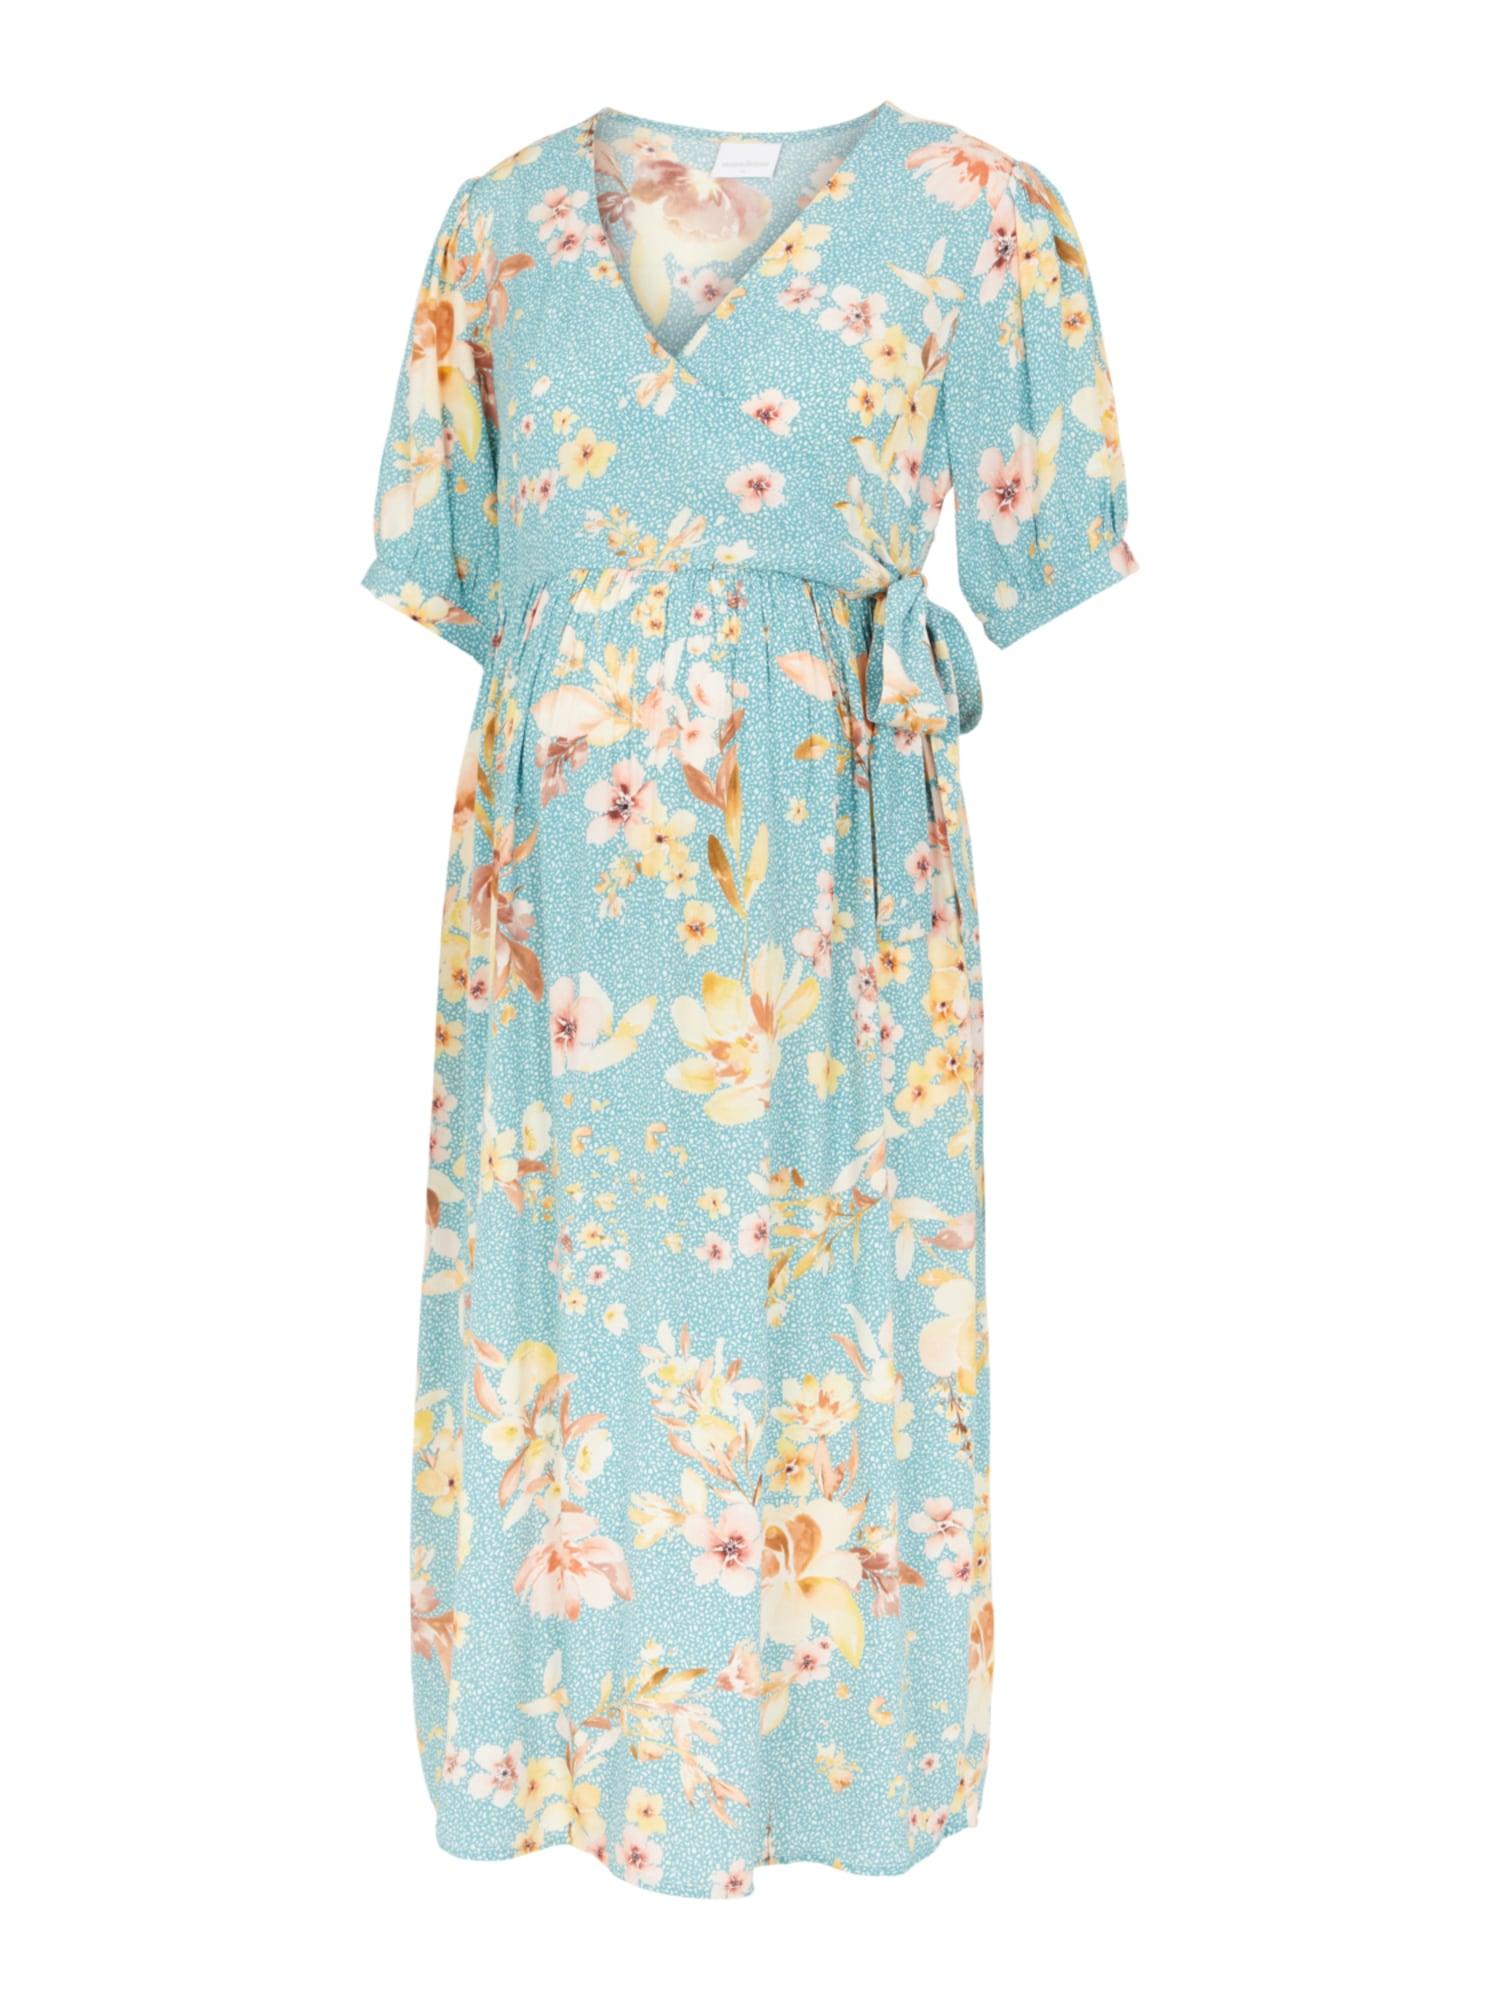 MAMALICIOUS Suknelė 'Mlvaiana' mėtų spalva / mišrios spalvos